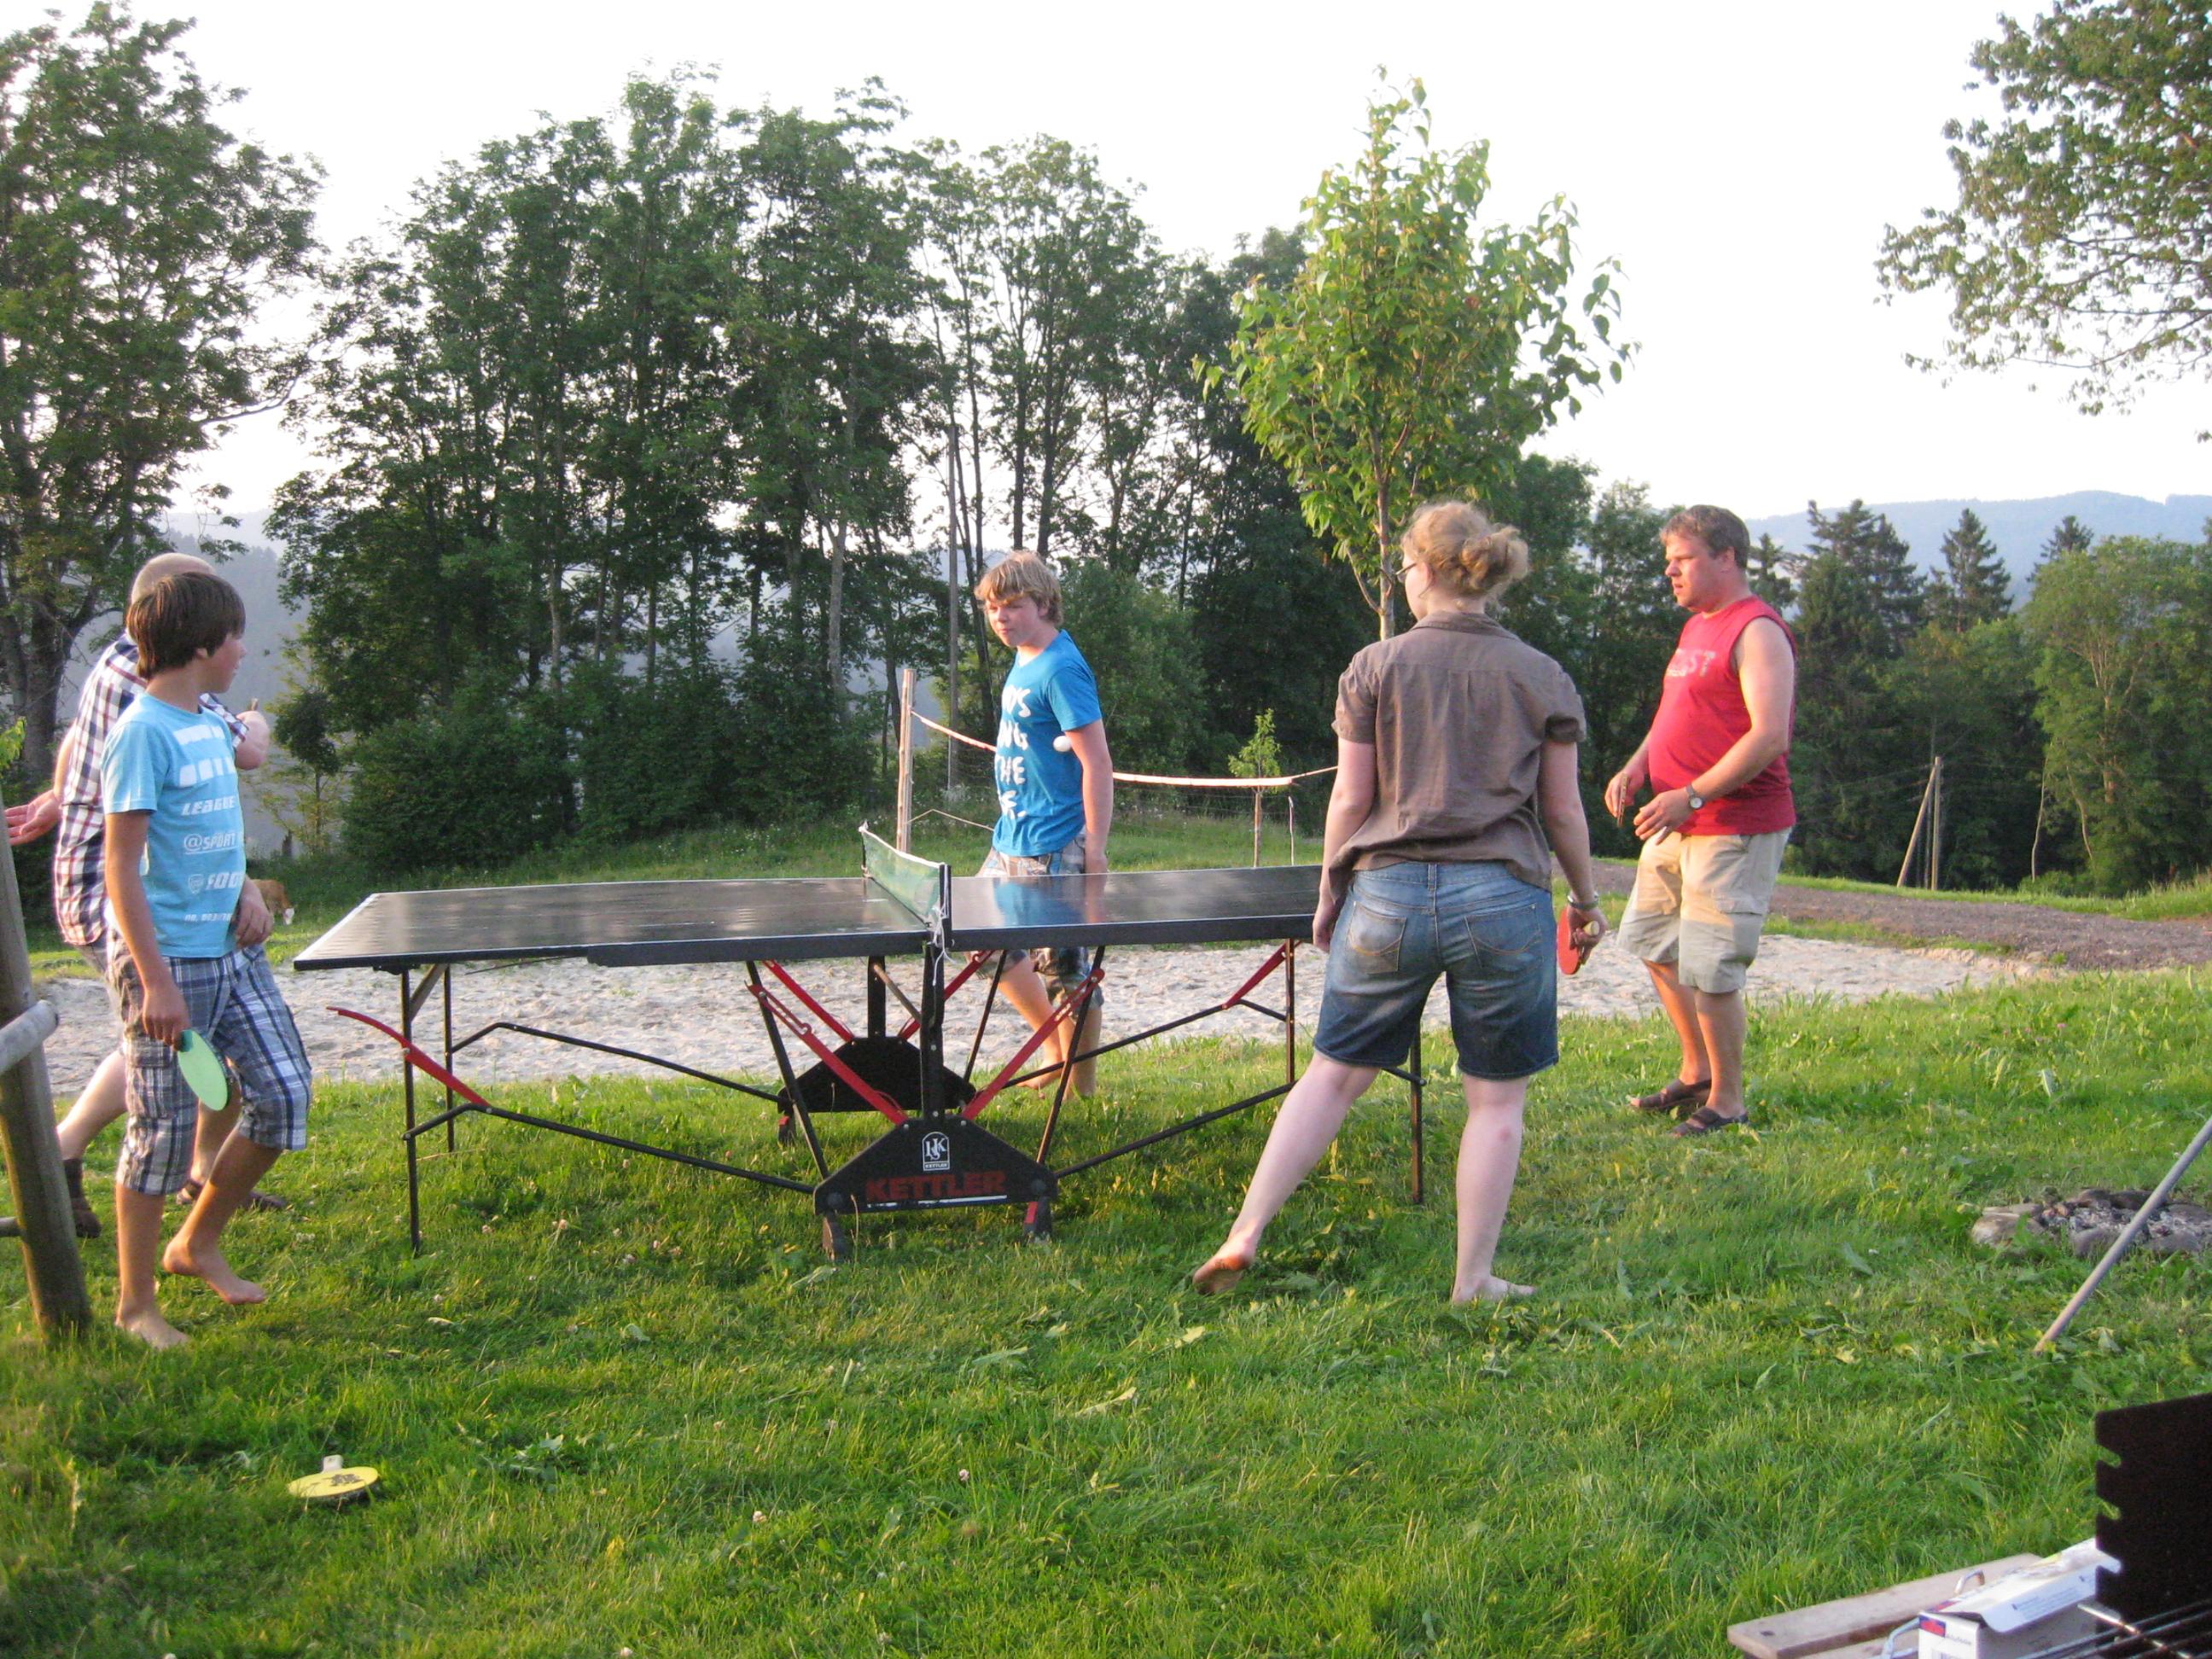 Tischtennis spielen auf dem Michelthomilishof